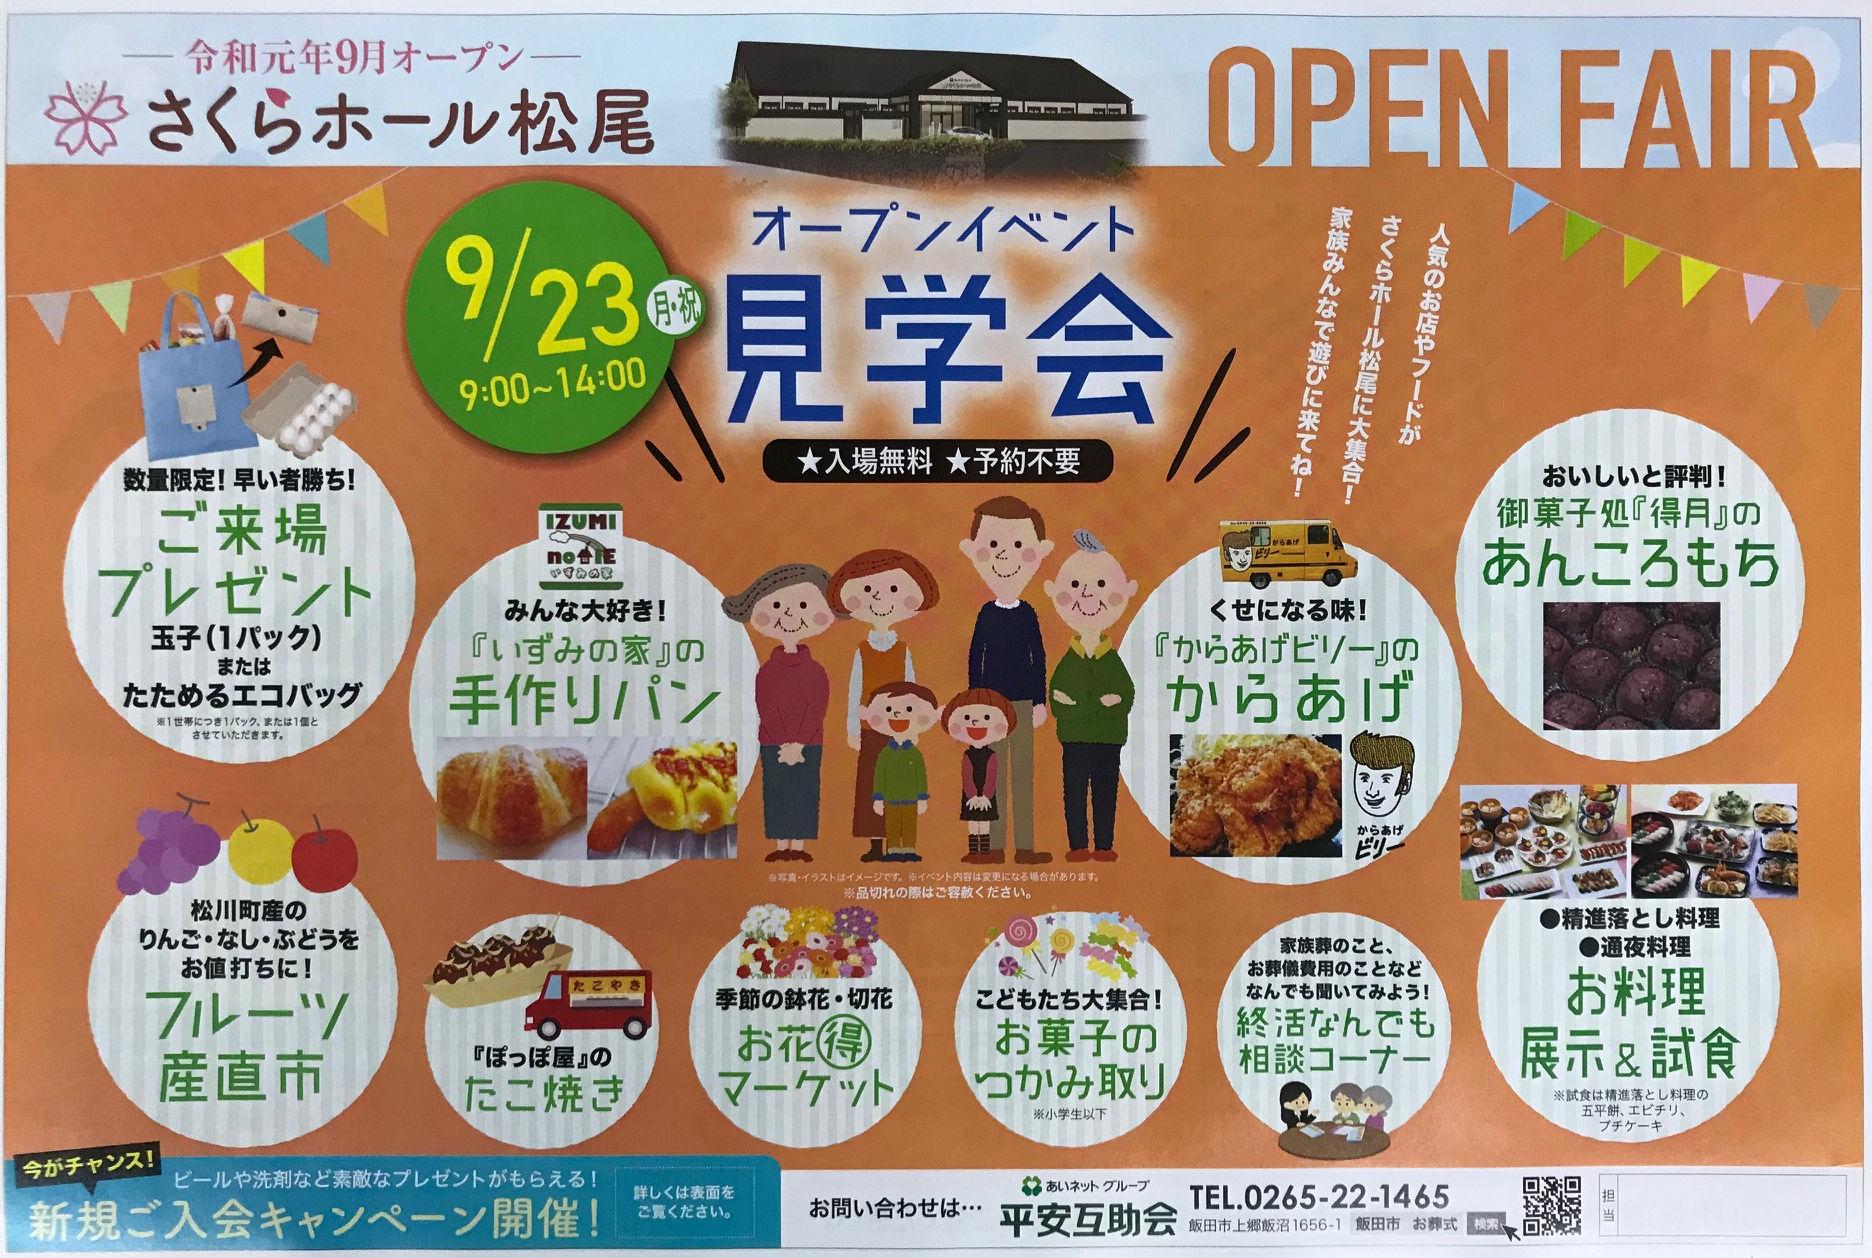 【イベントレポート】さくらホール松尾   オープンイベント見学会